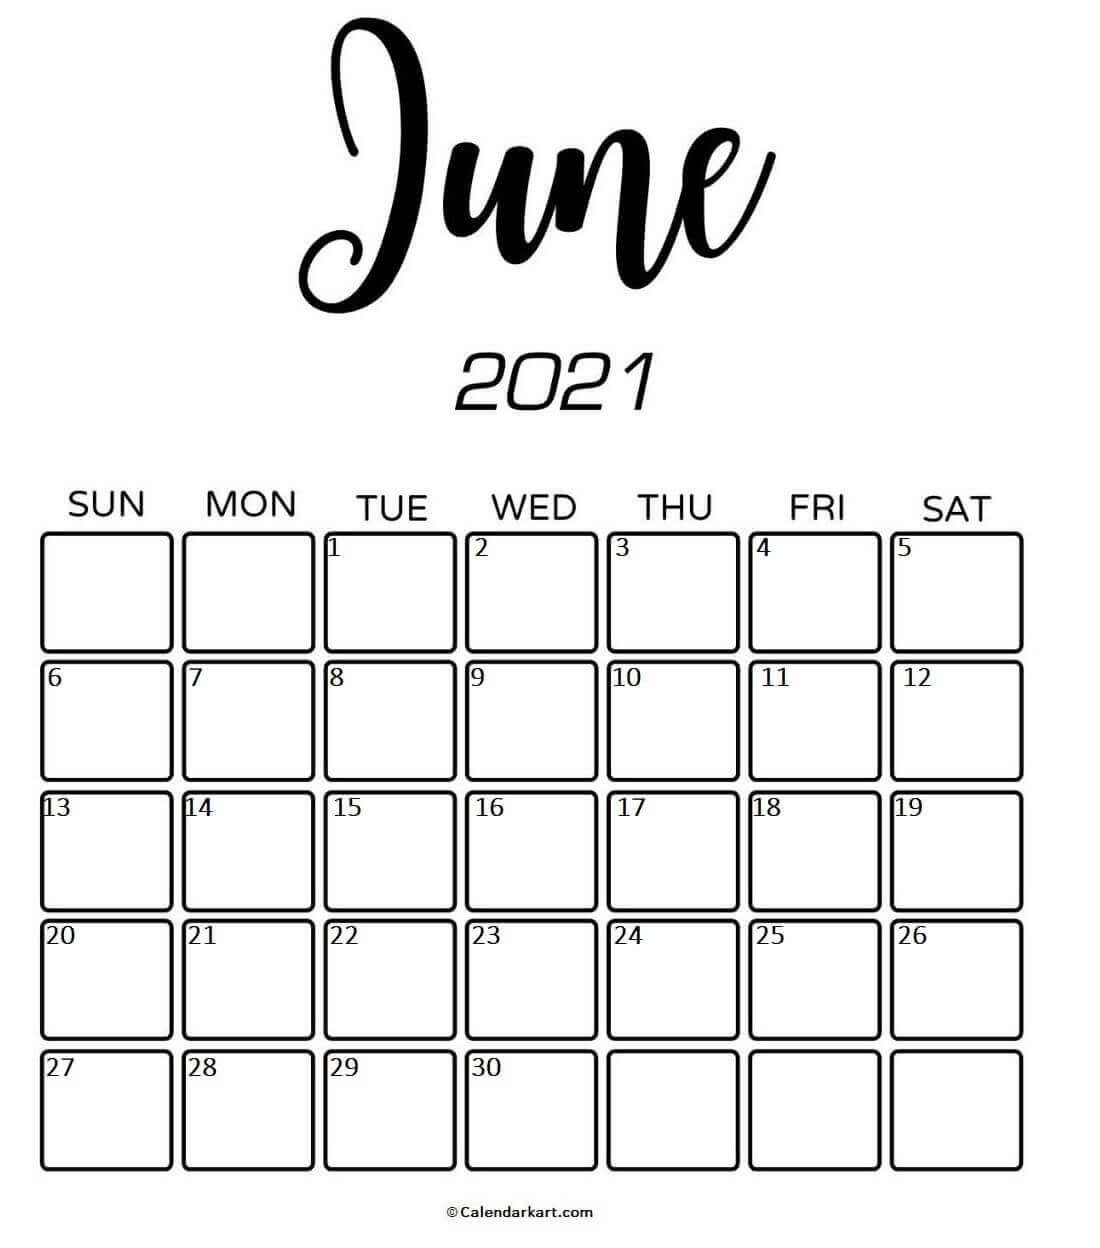 Free Printable June 2021 Calendar: Cute & Elegant Designs